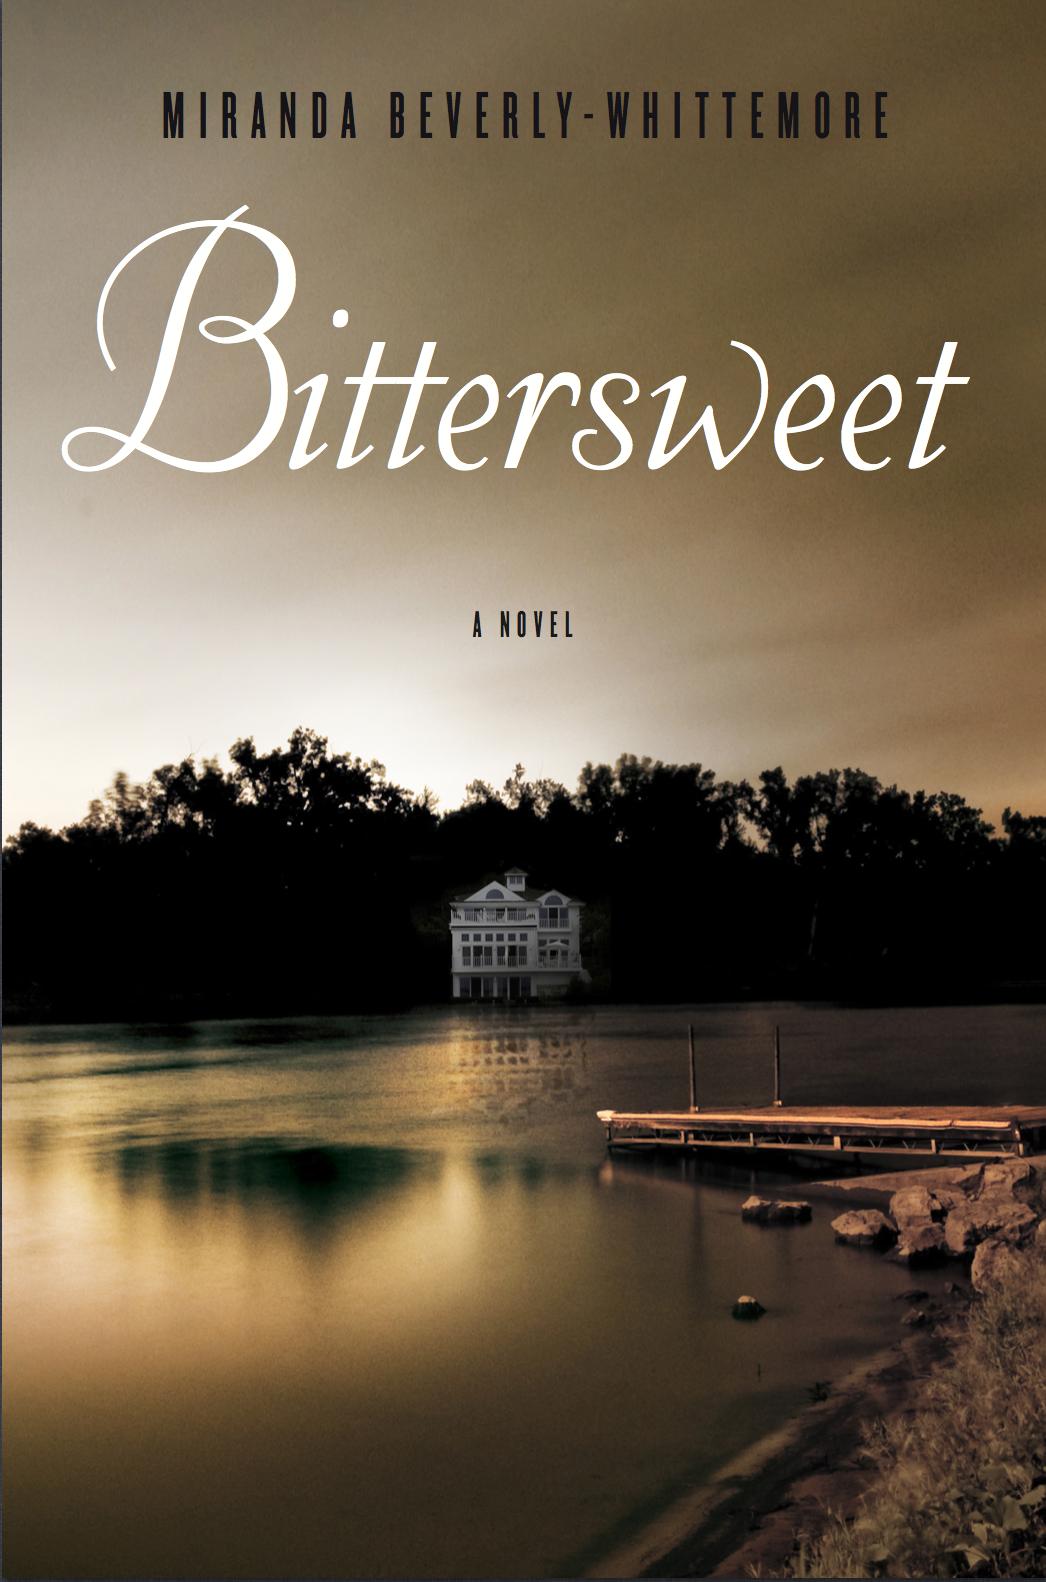 Bittersweet by Miranda Beverly-Whitmore